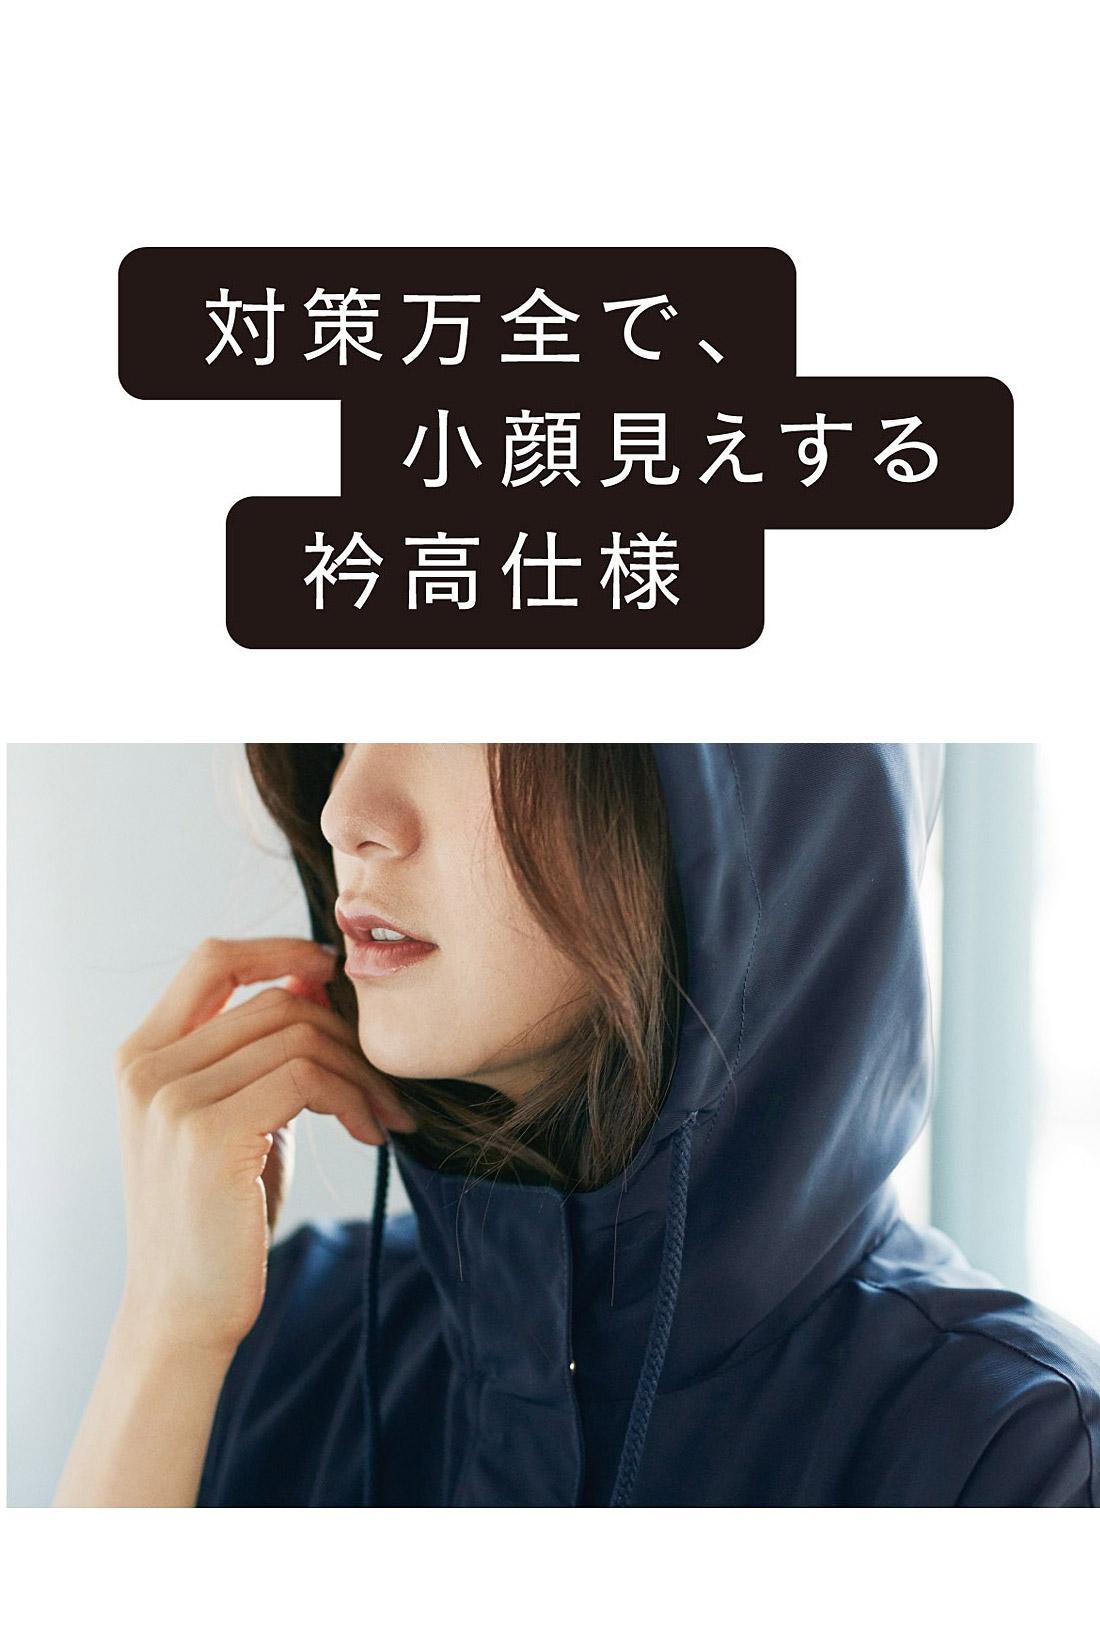 衿高フードをすっぽりかぶれば、首すじまでしっかり花粉&UV対策。